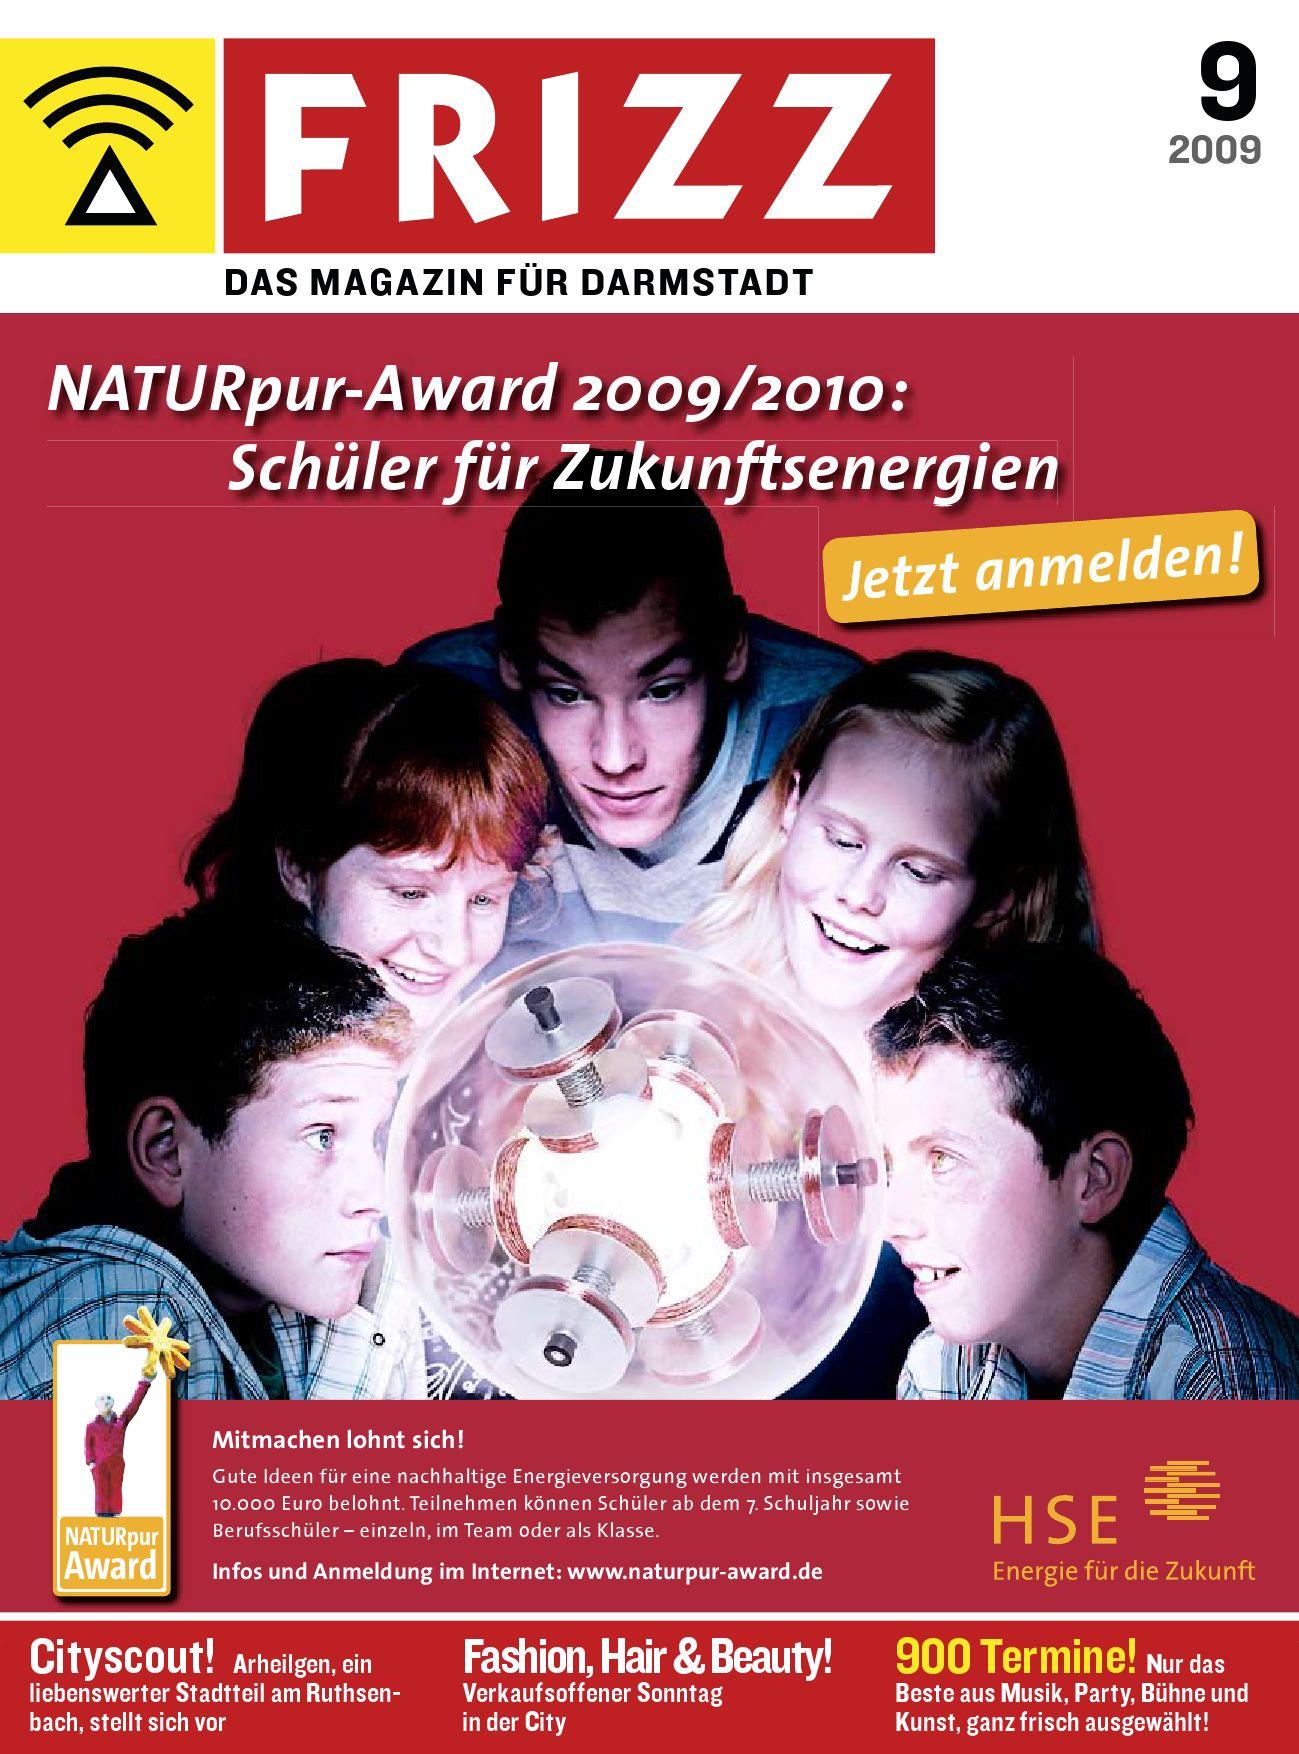 FRIZZ Das Magazin für Darmstadt 09 09 by FRIZZ Media & Marketing Darmstadt issuu